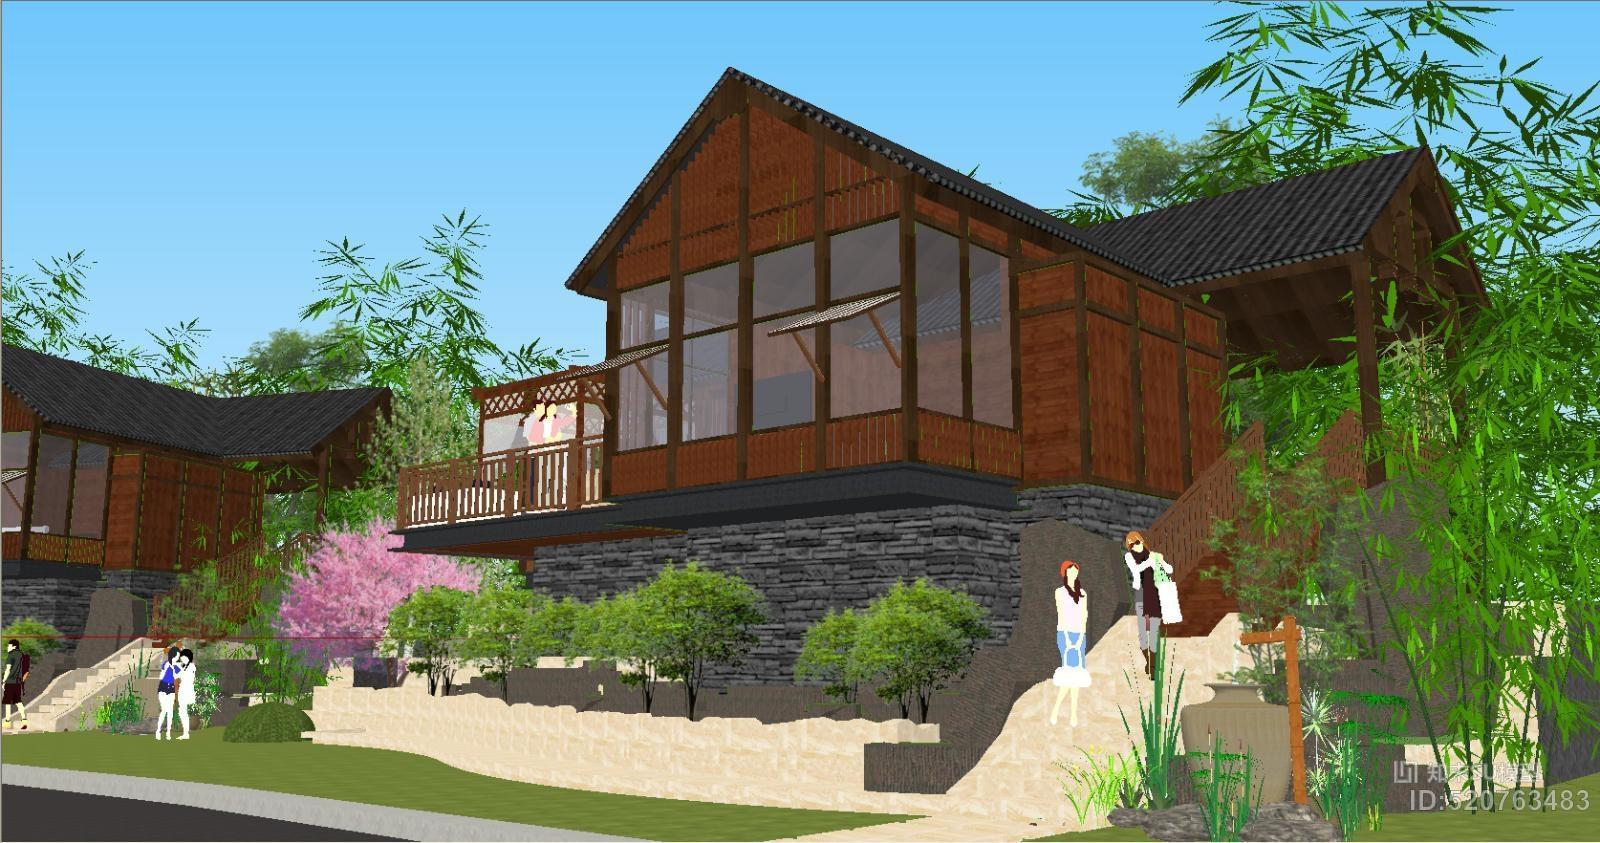 民宿农家乐木屋竹林su模型